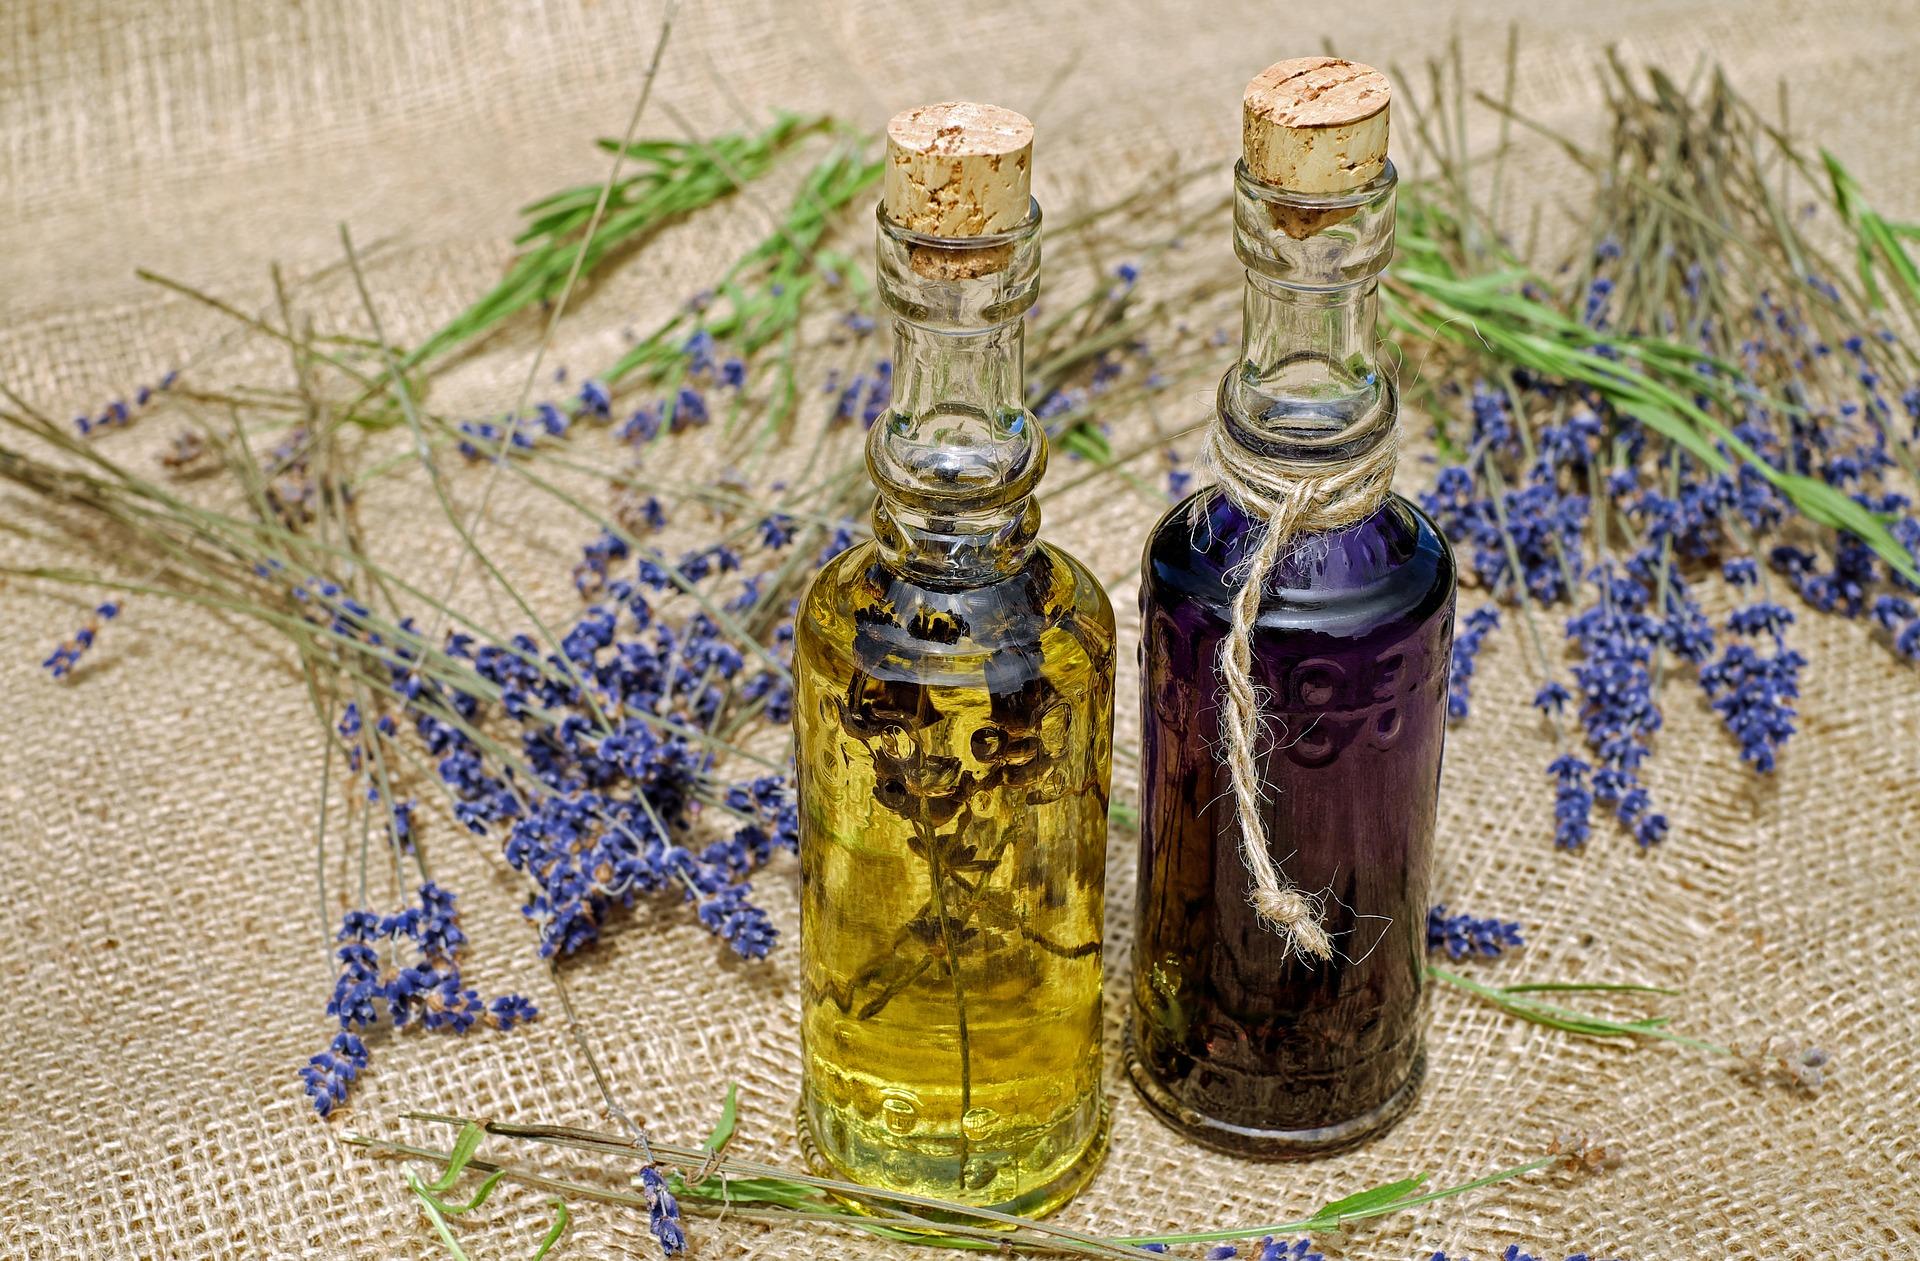 Foto de dois frasquinhos de vidro com óleos dentro, sendo um claro e o outro escuro. Ao redor, várias flores de lavanda.